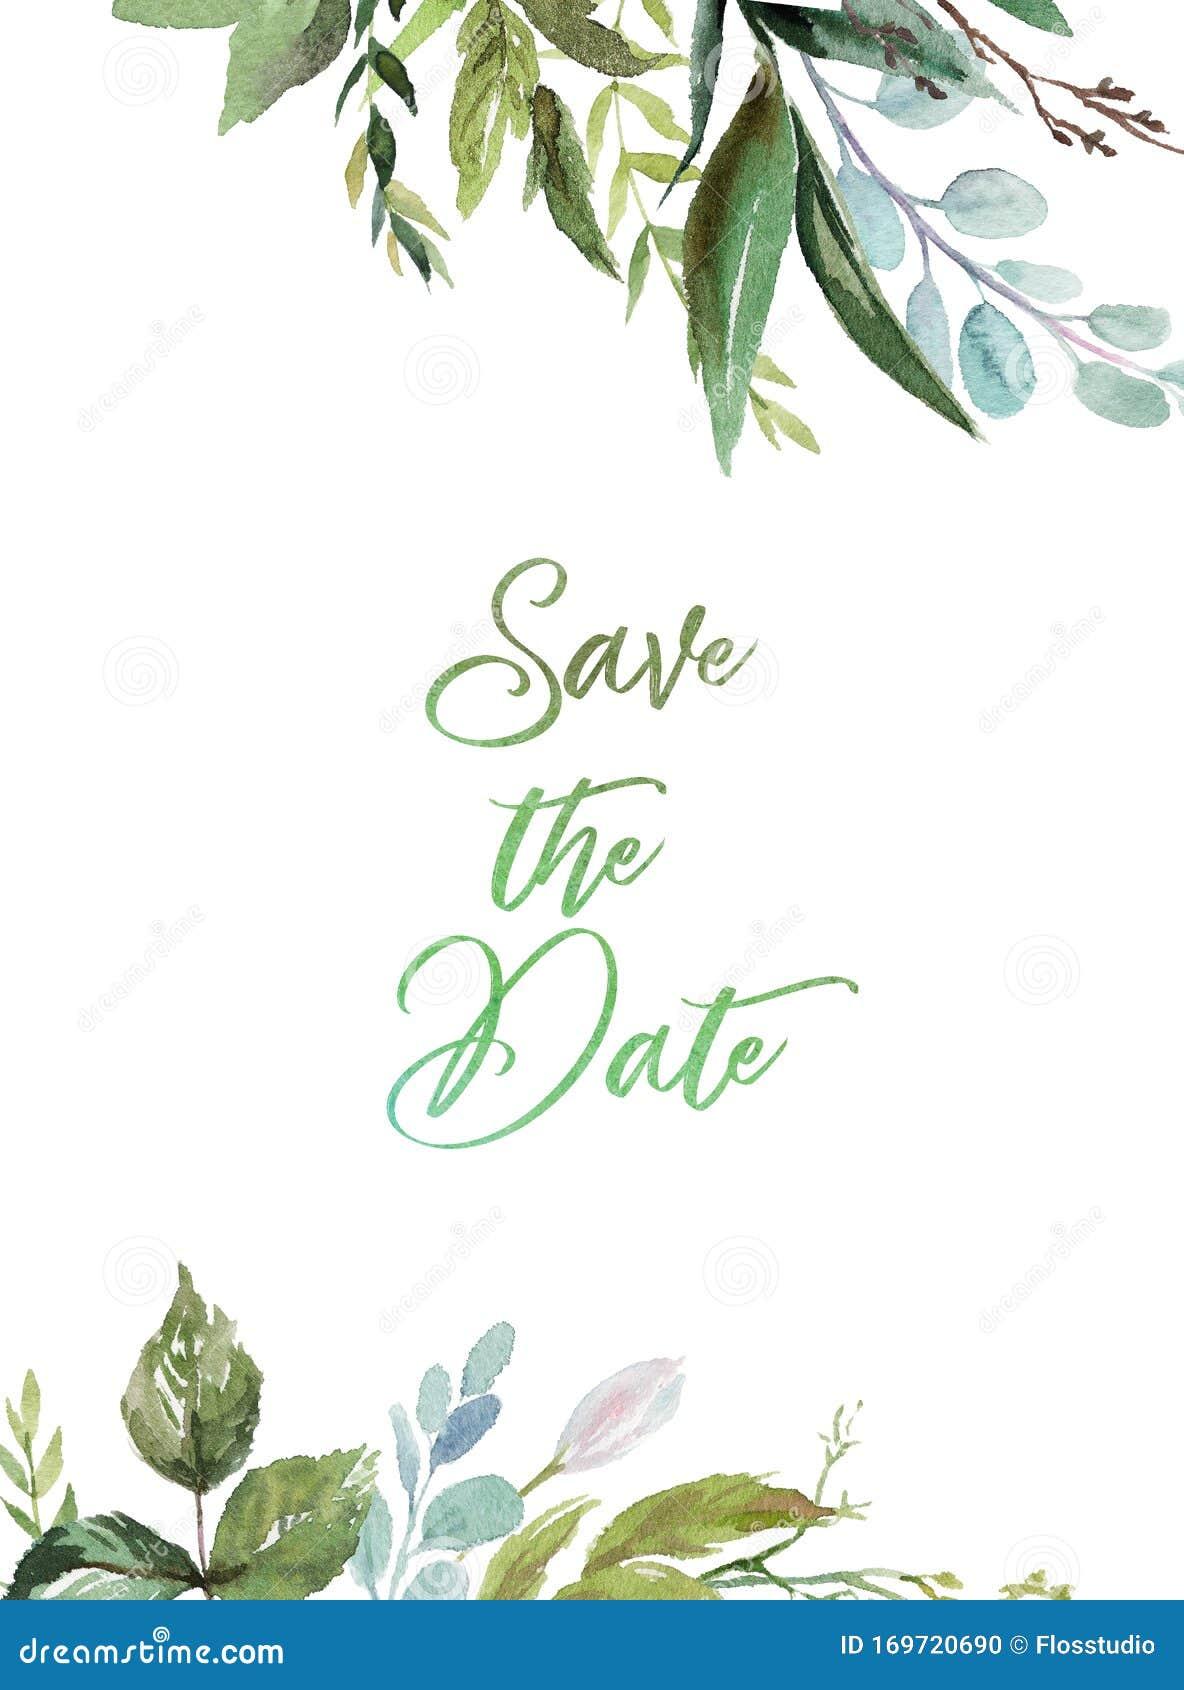 Watercolor Floral Illustration Green Leaves Frame Border For